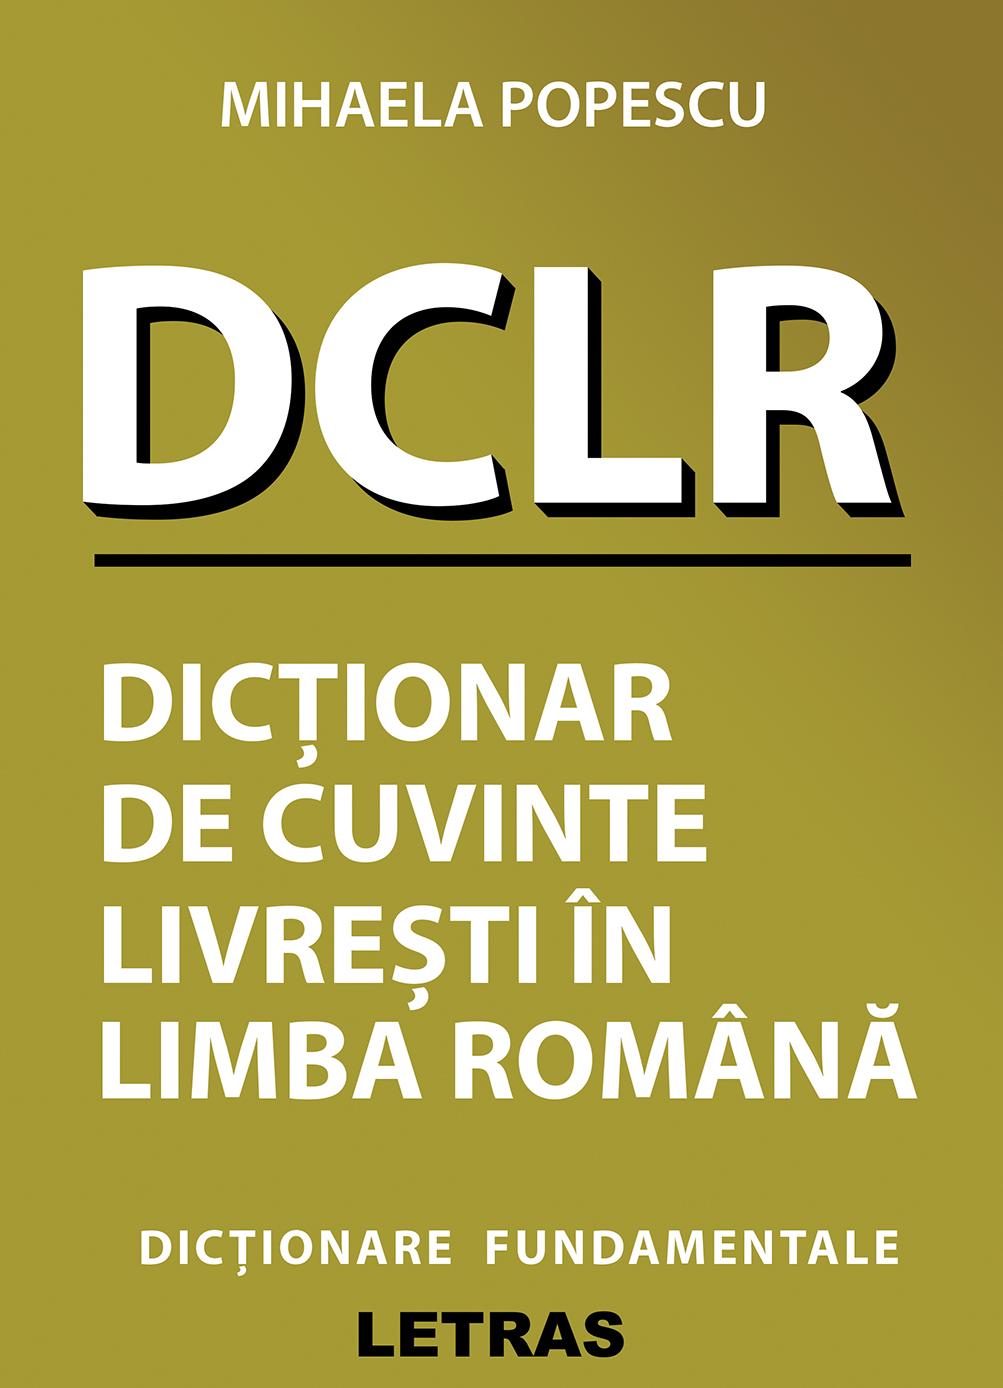 coperta 1 DCLR Mihaela Popescu 150